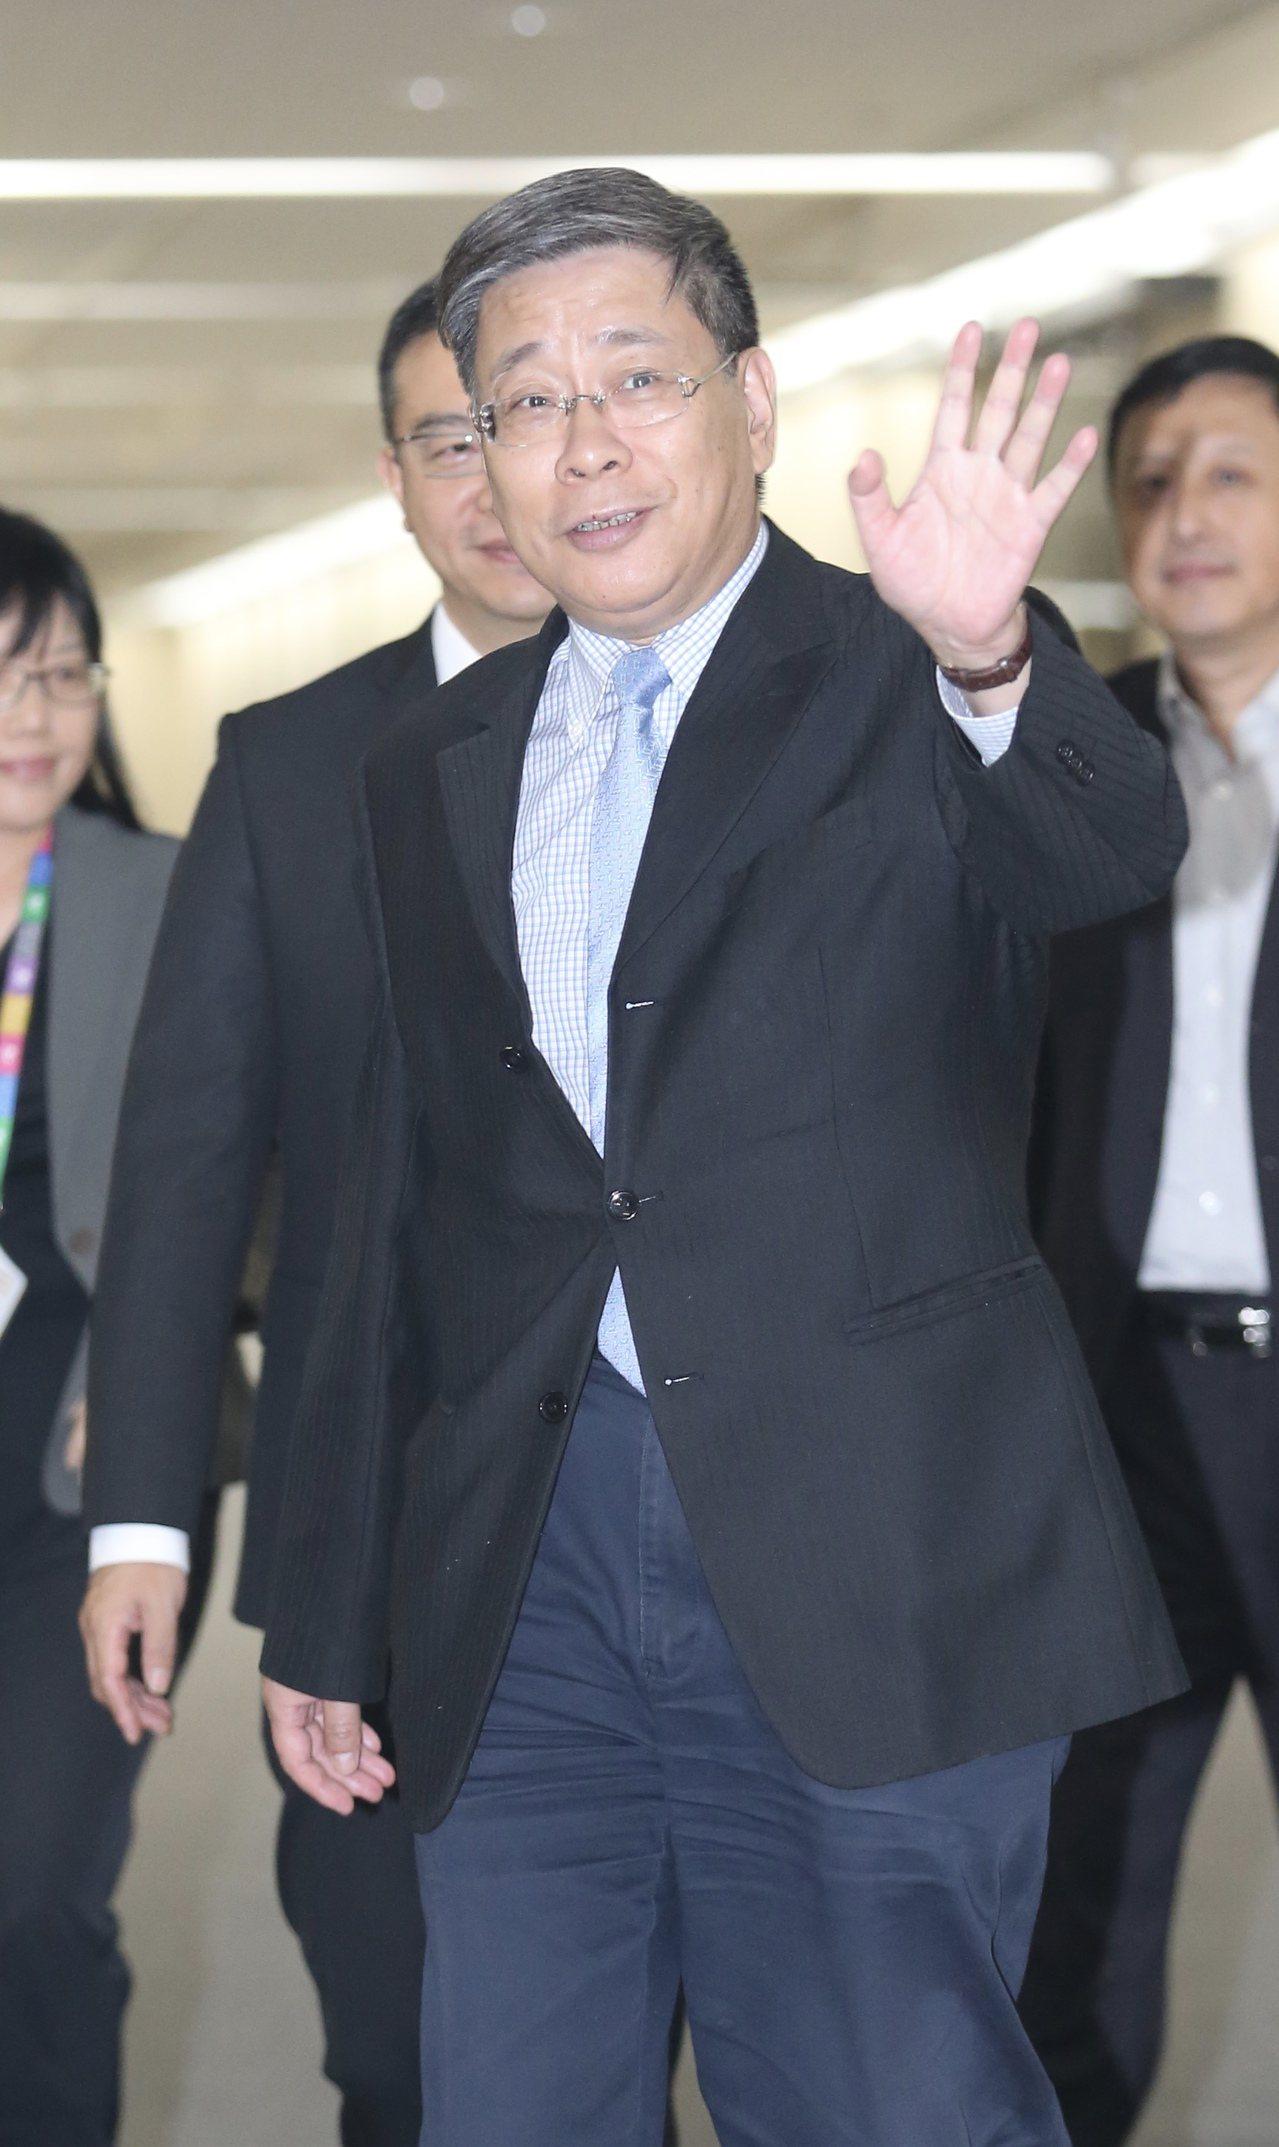 上海市台辦主任李文輝(圖)上午拜訪台北市長柯文哲,雙方闢室密會半小時後,李文輝離...